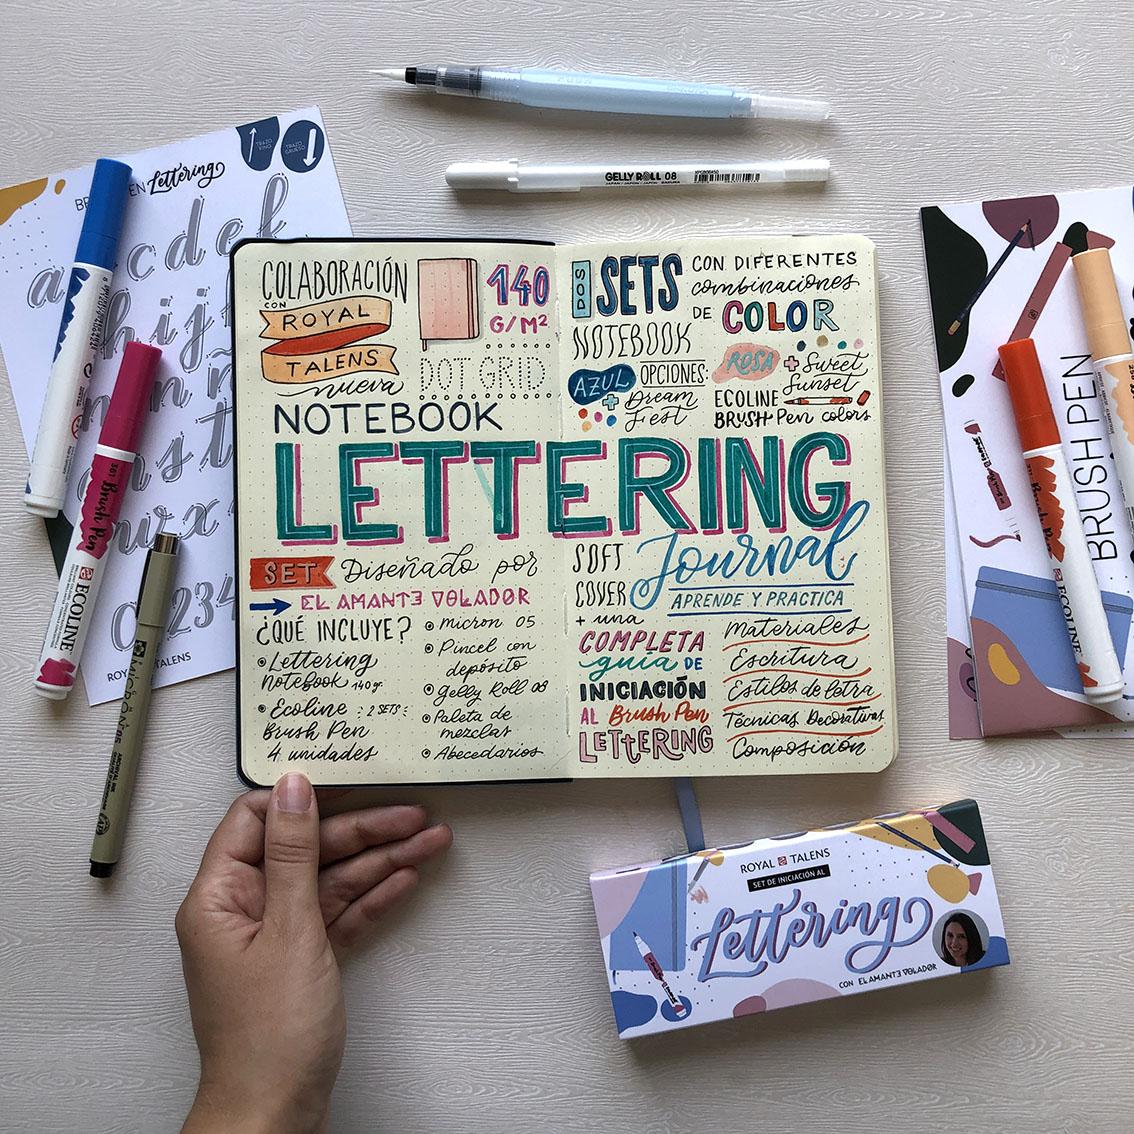 foto-set-lettering-eav9